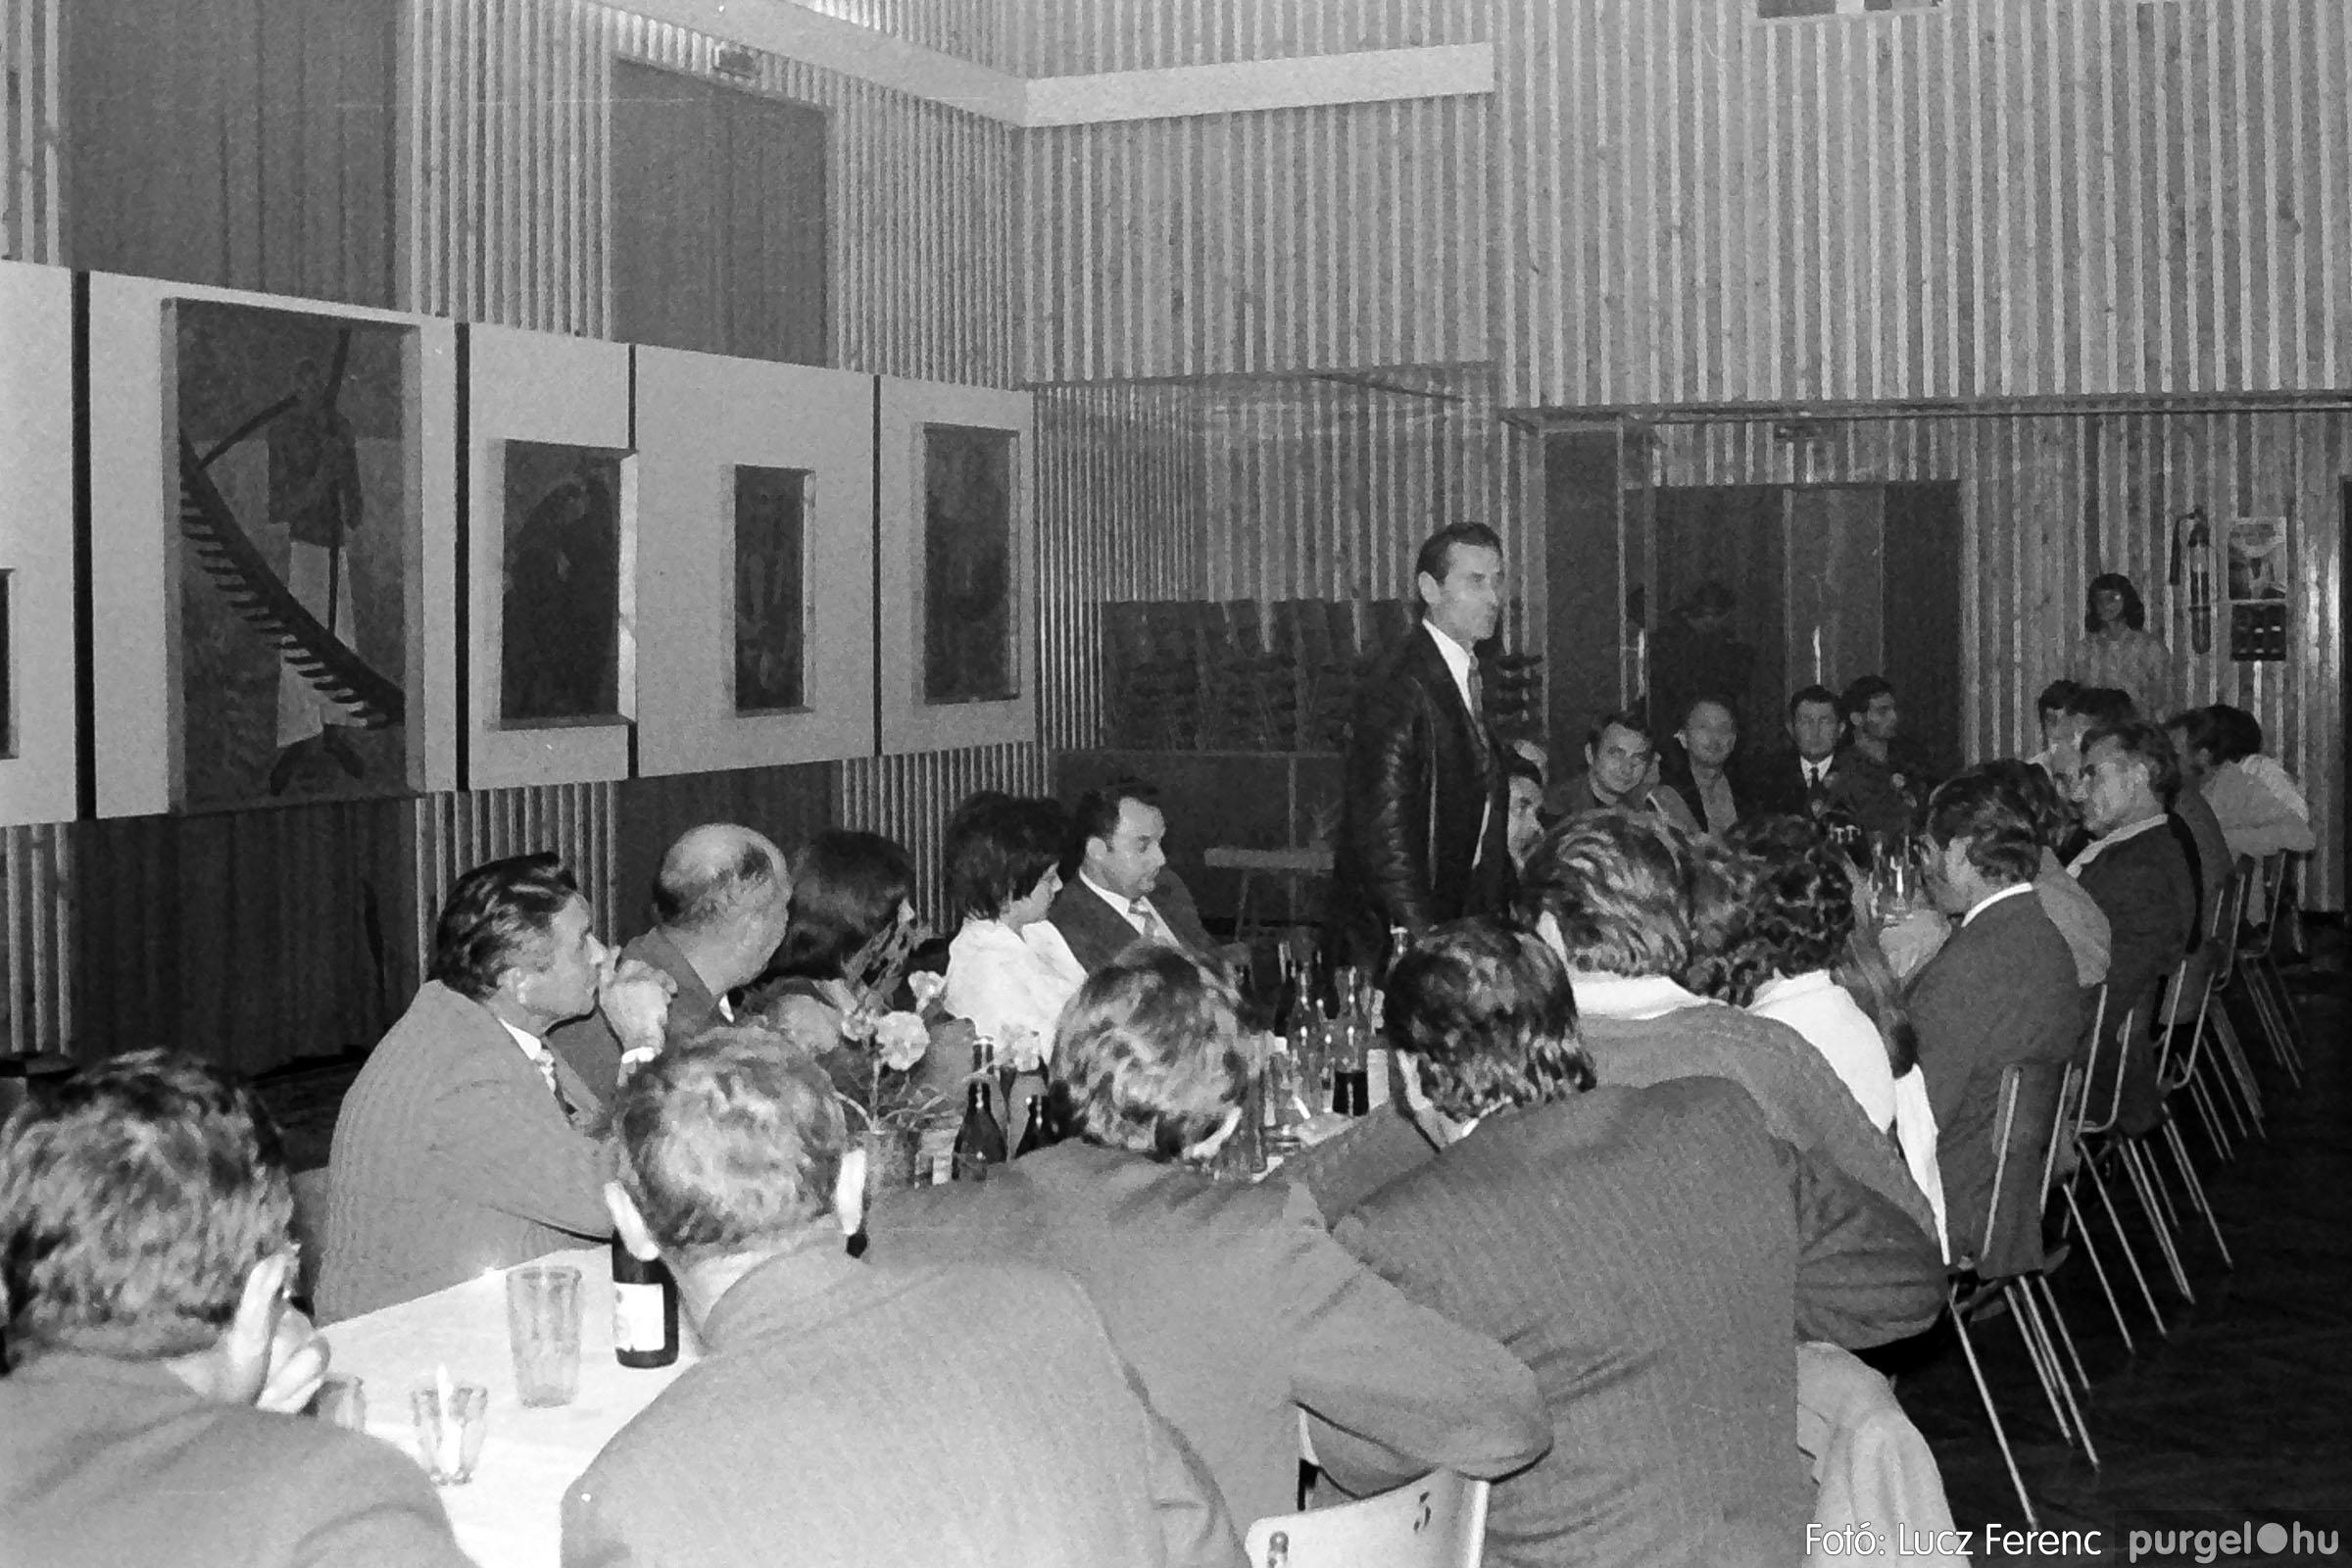 024 1975.10. Németh József és Szalay Ferenc festőművészek kiállítása 009 - Fotó: Lucz Ferenc IMG00209q.jpg